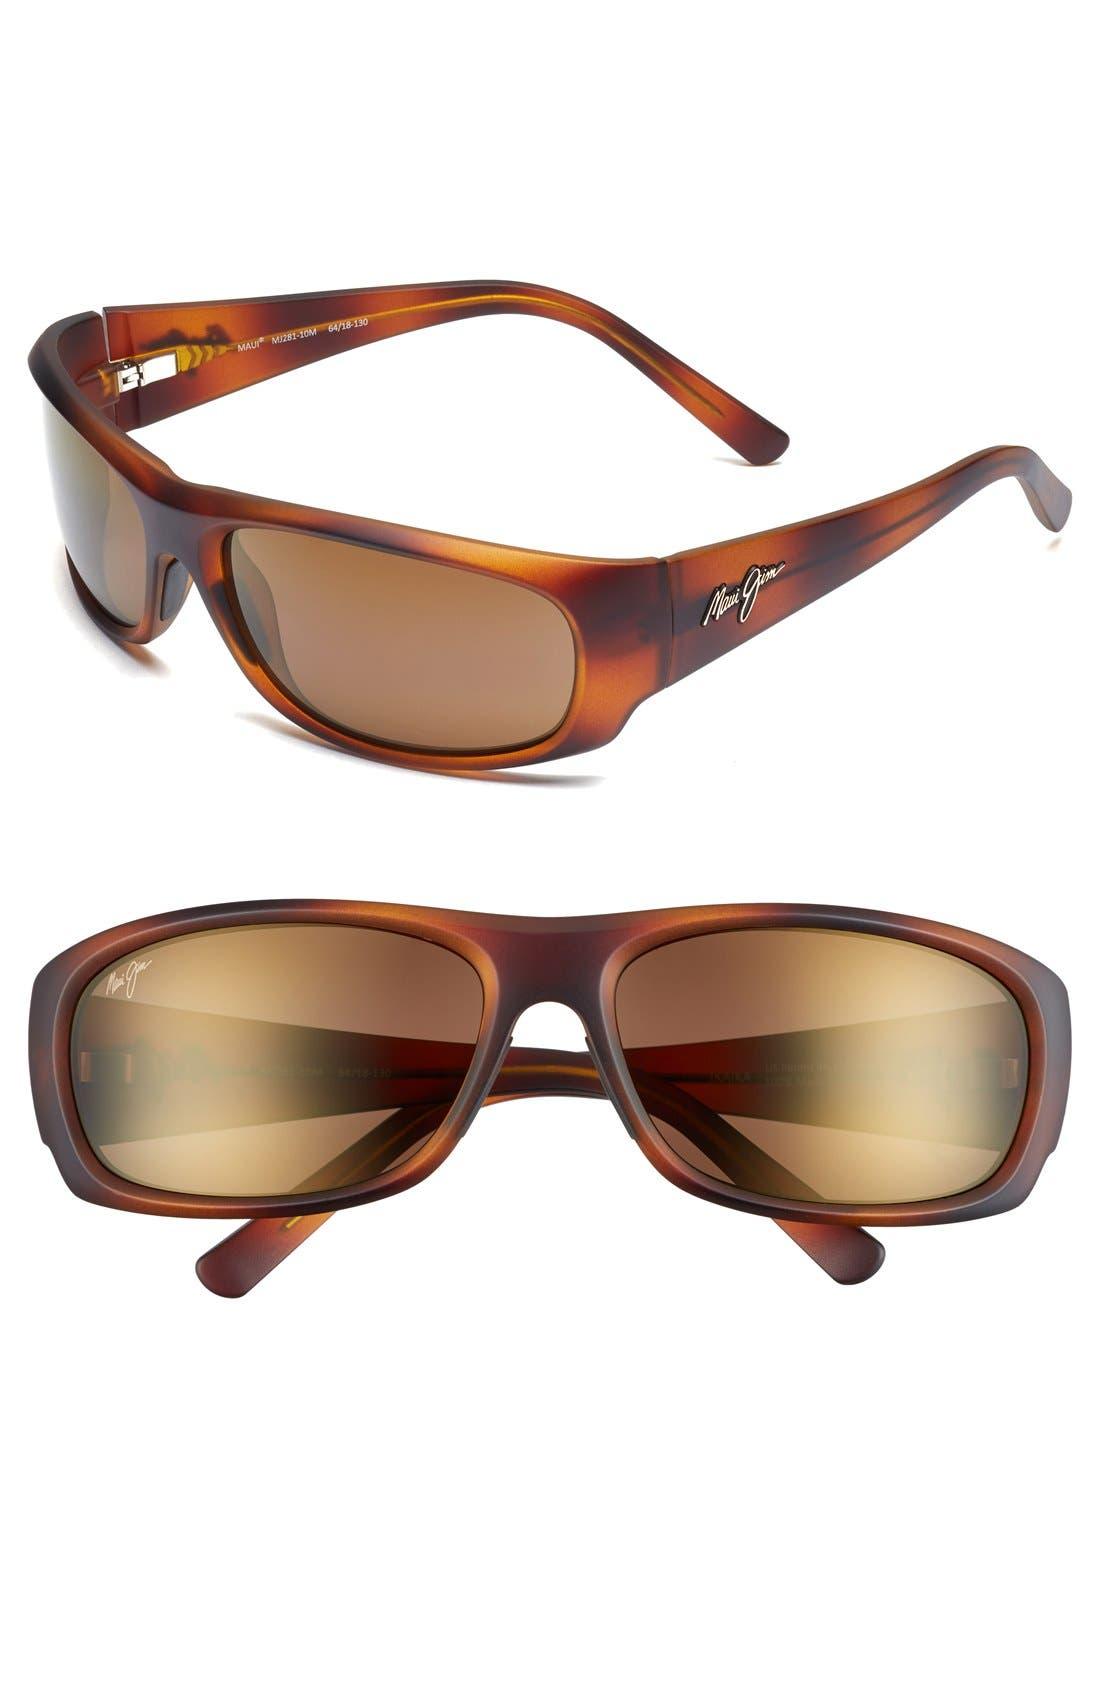 'Ikaika - PolarizedPlus<sup>®</sup>2' 64mm Sunglasses,                             Main thumbnail 1, color,                             MATTE TORTOISE/ HCL BRONZE